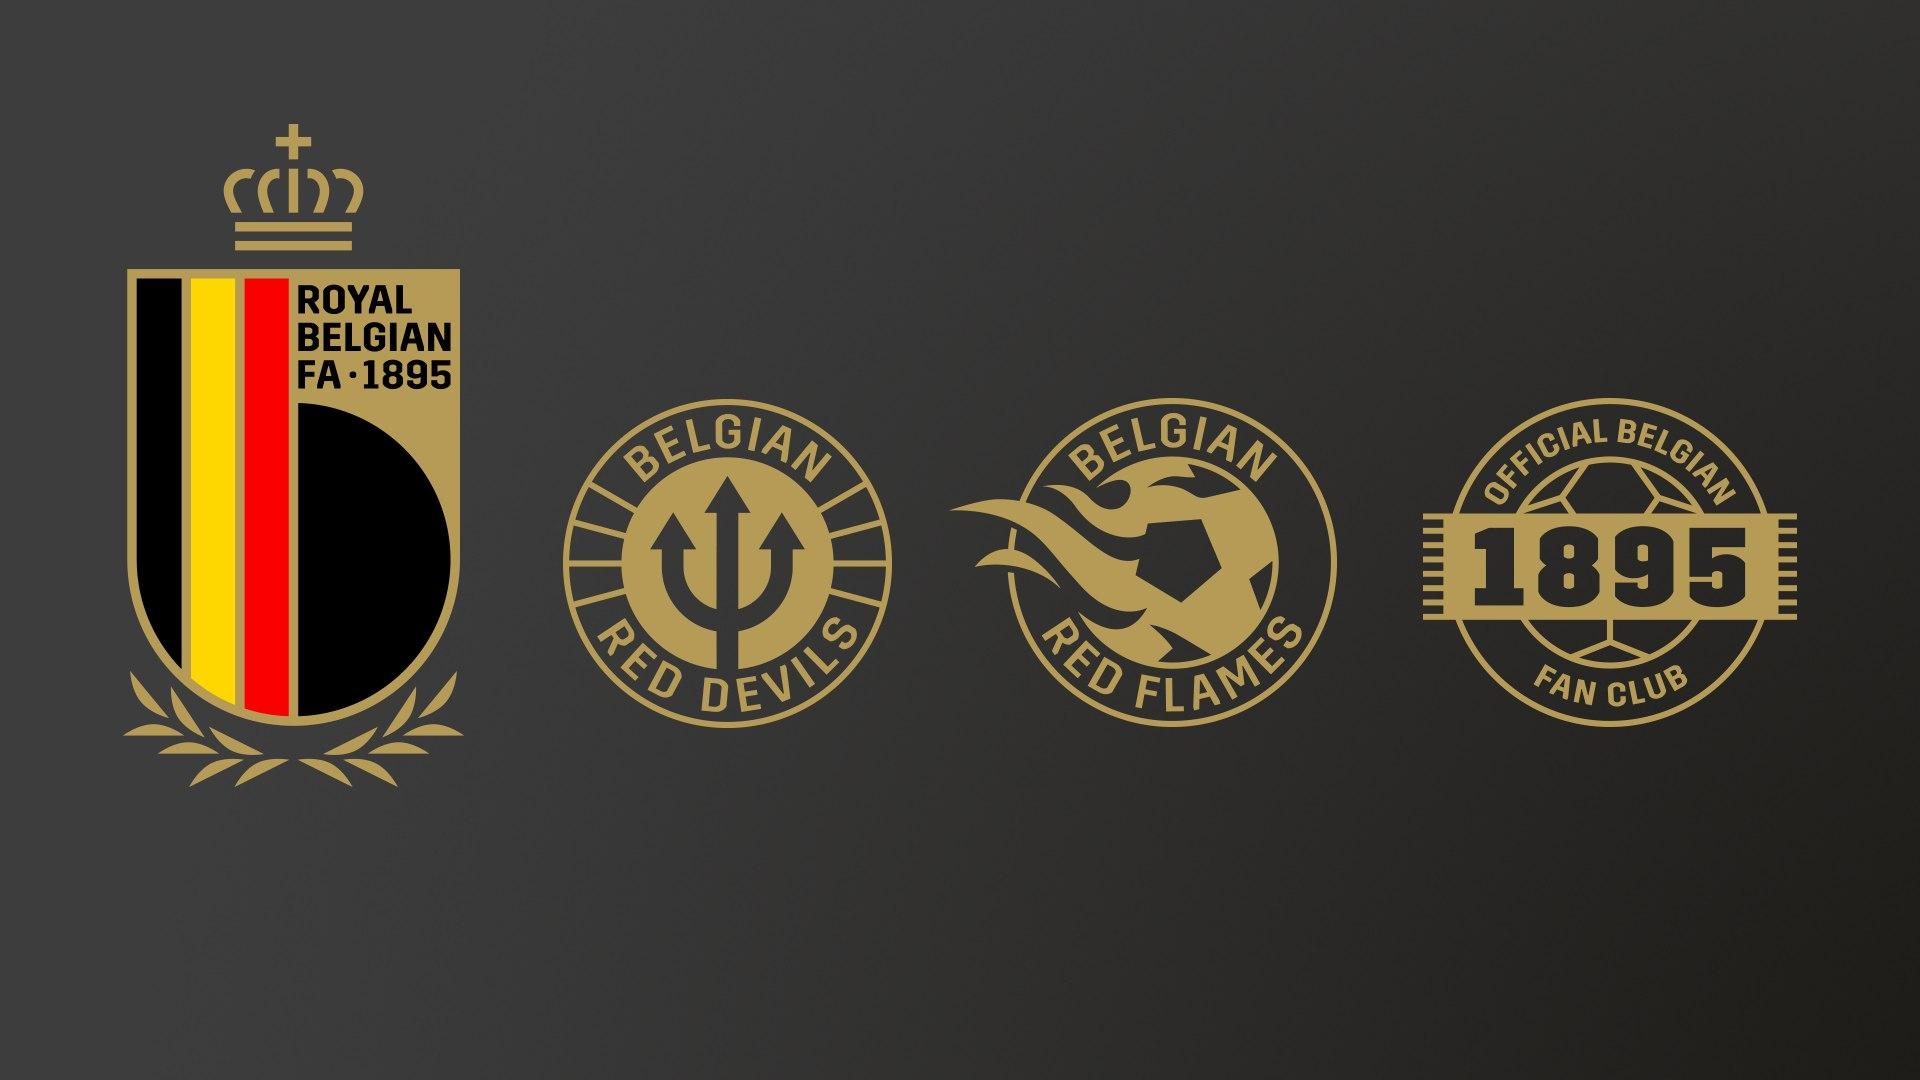 Nuevos logos de la Royal Belgian FA | Imagen Web Oficial